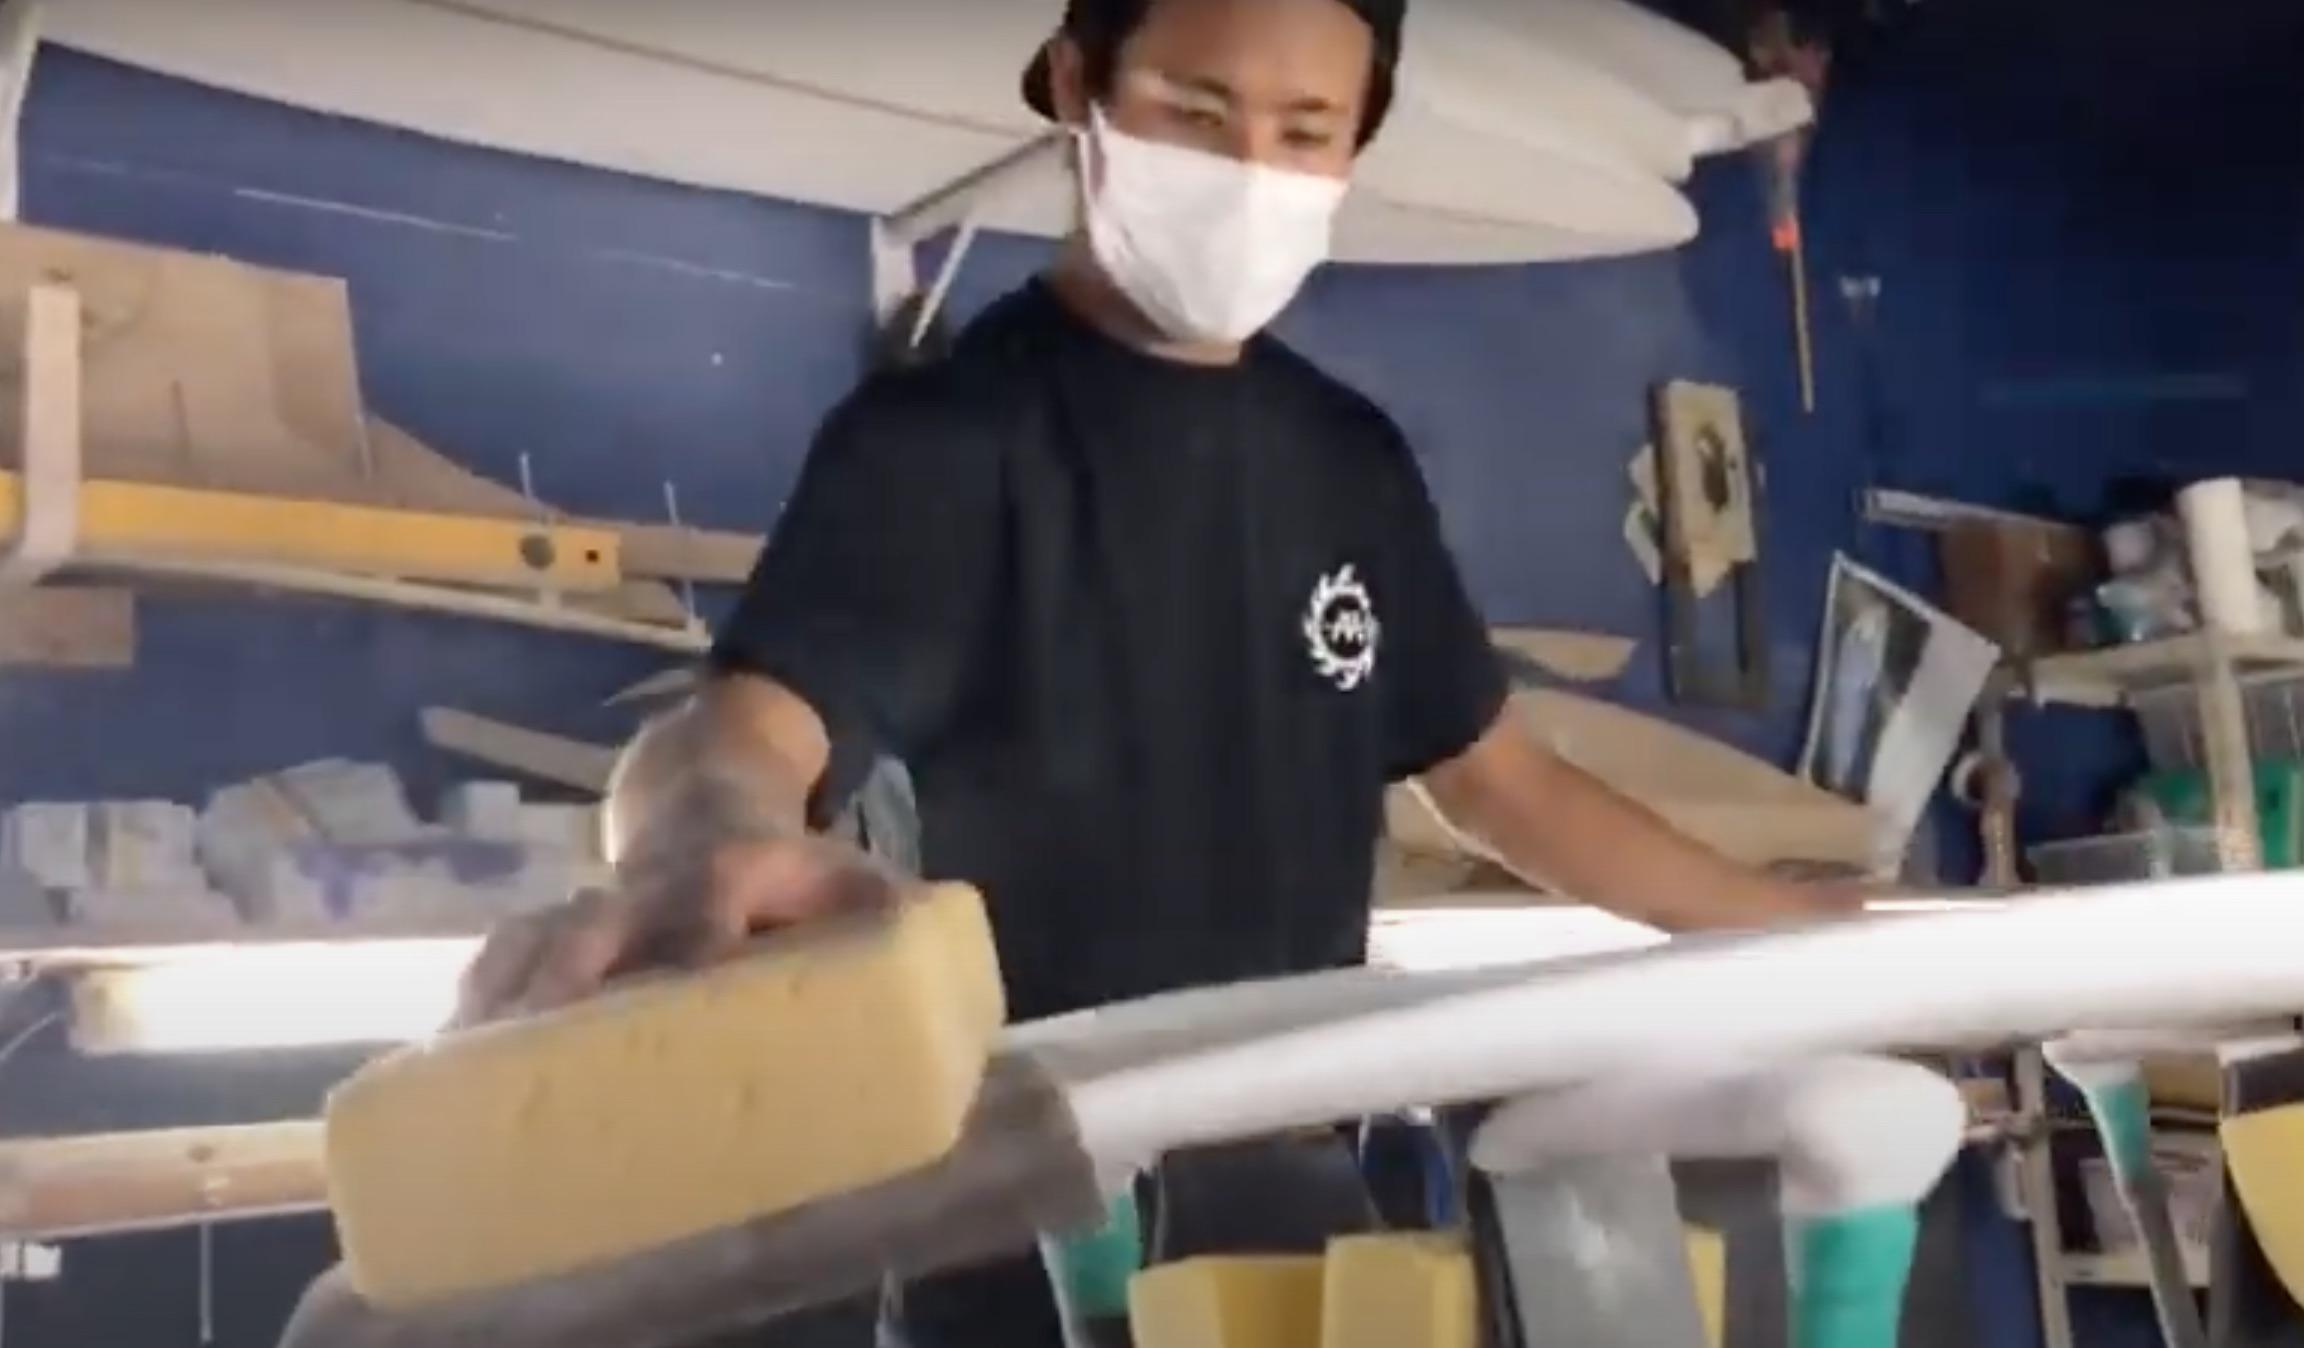 【シェイプ×サーフ】エアリバ全開メイクしまくり!! 2刀流プロサーファー西口京佑が生まれて初めてシェイプしたボードでテストライド・セッション